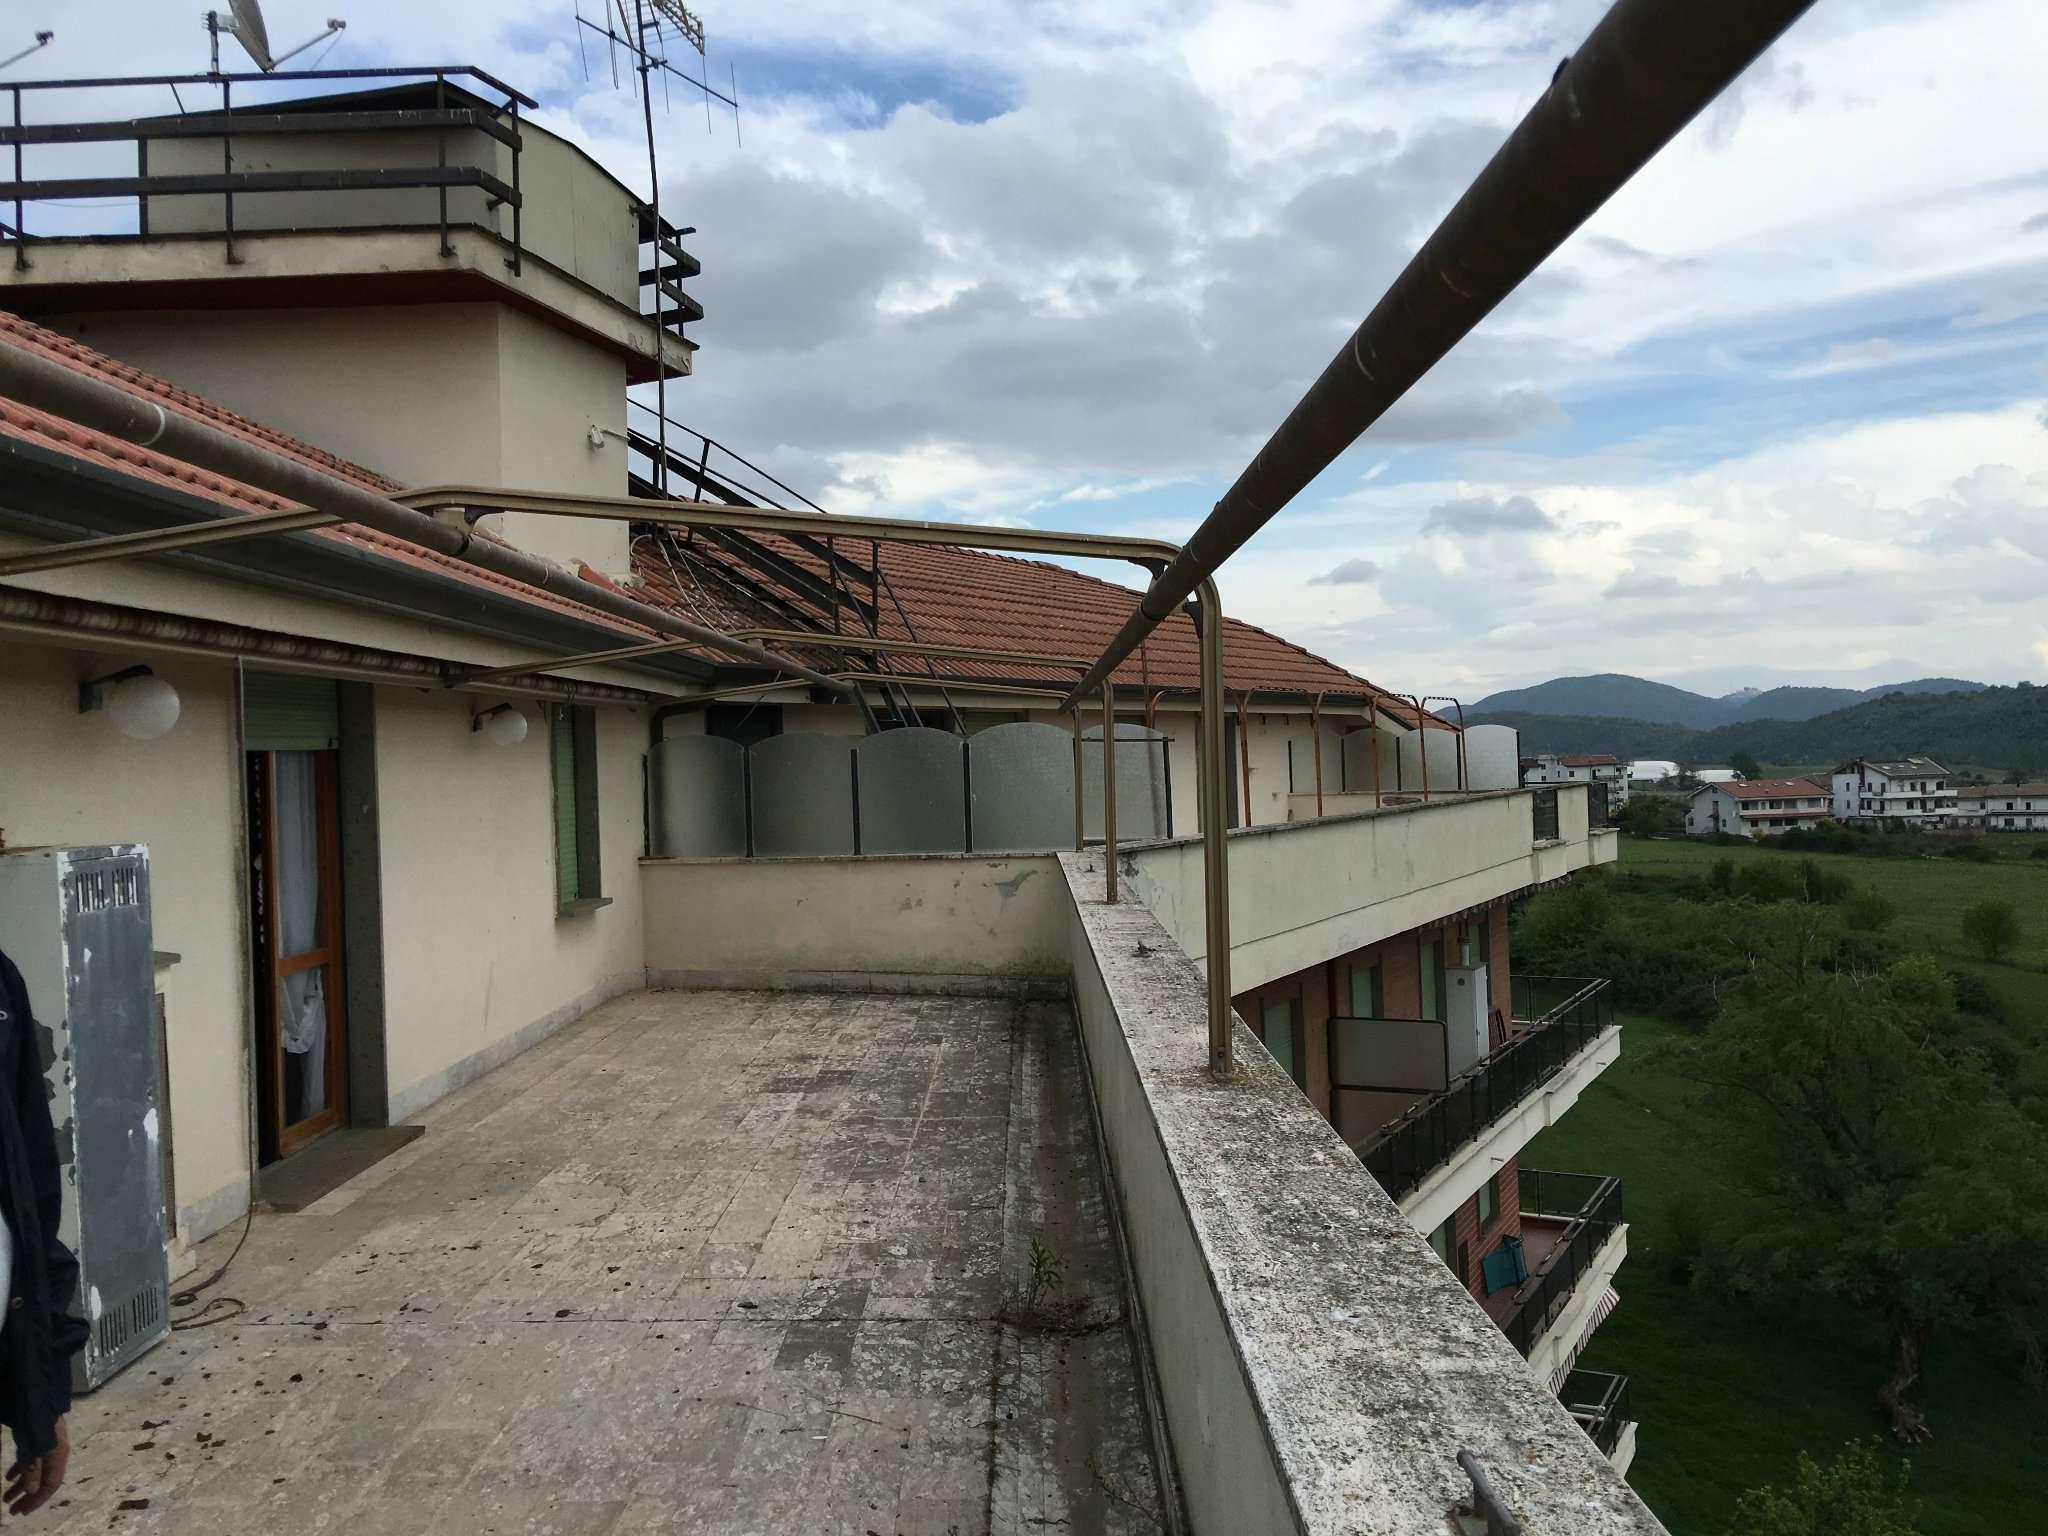 Bilocale Fiuggi Via Betulle 9